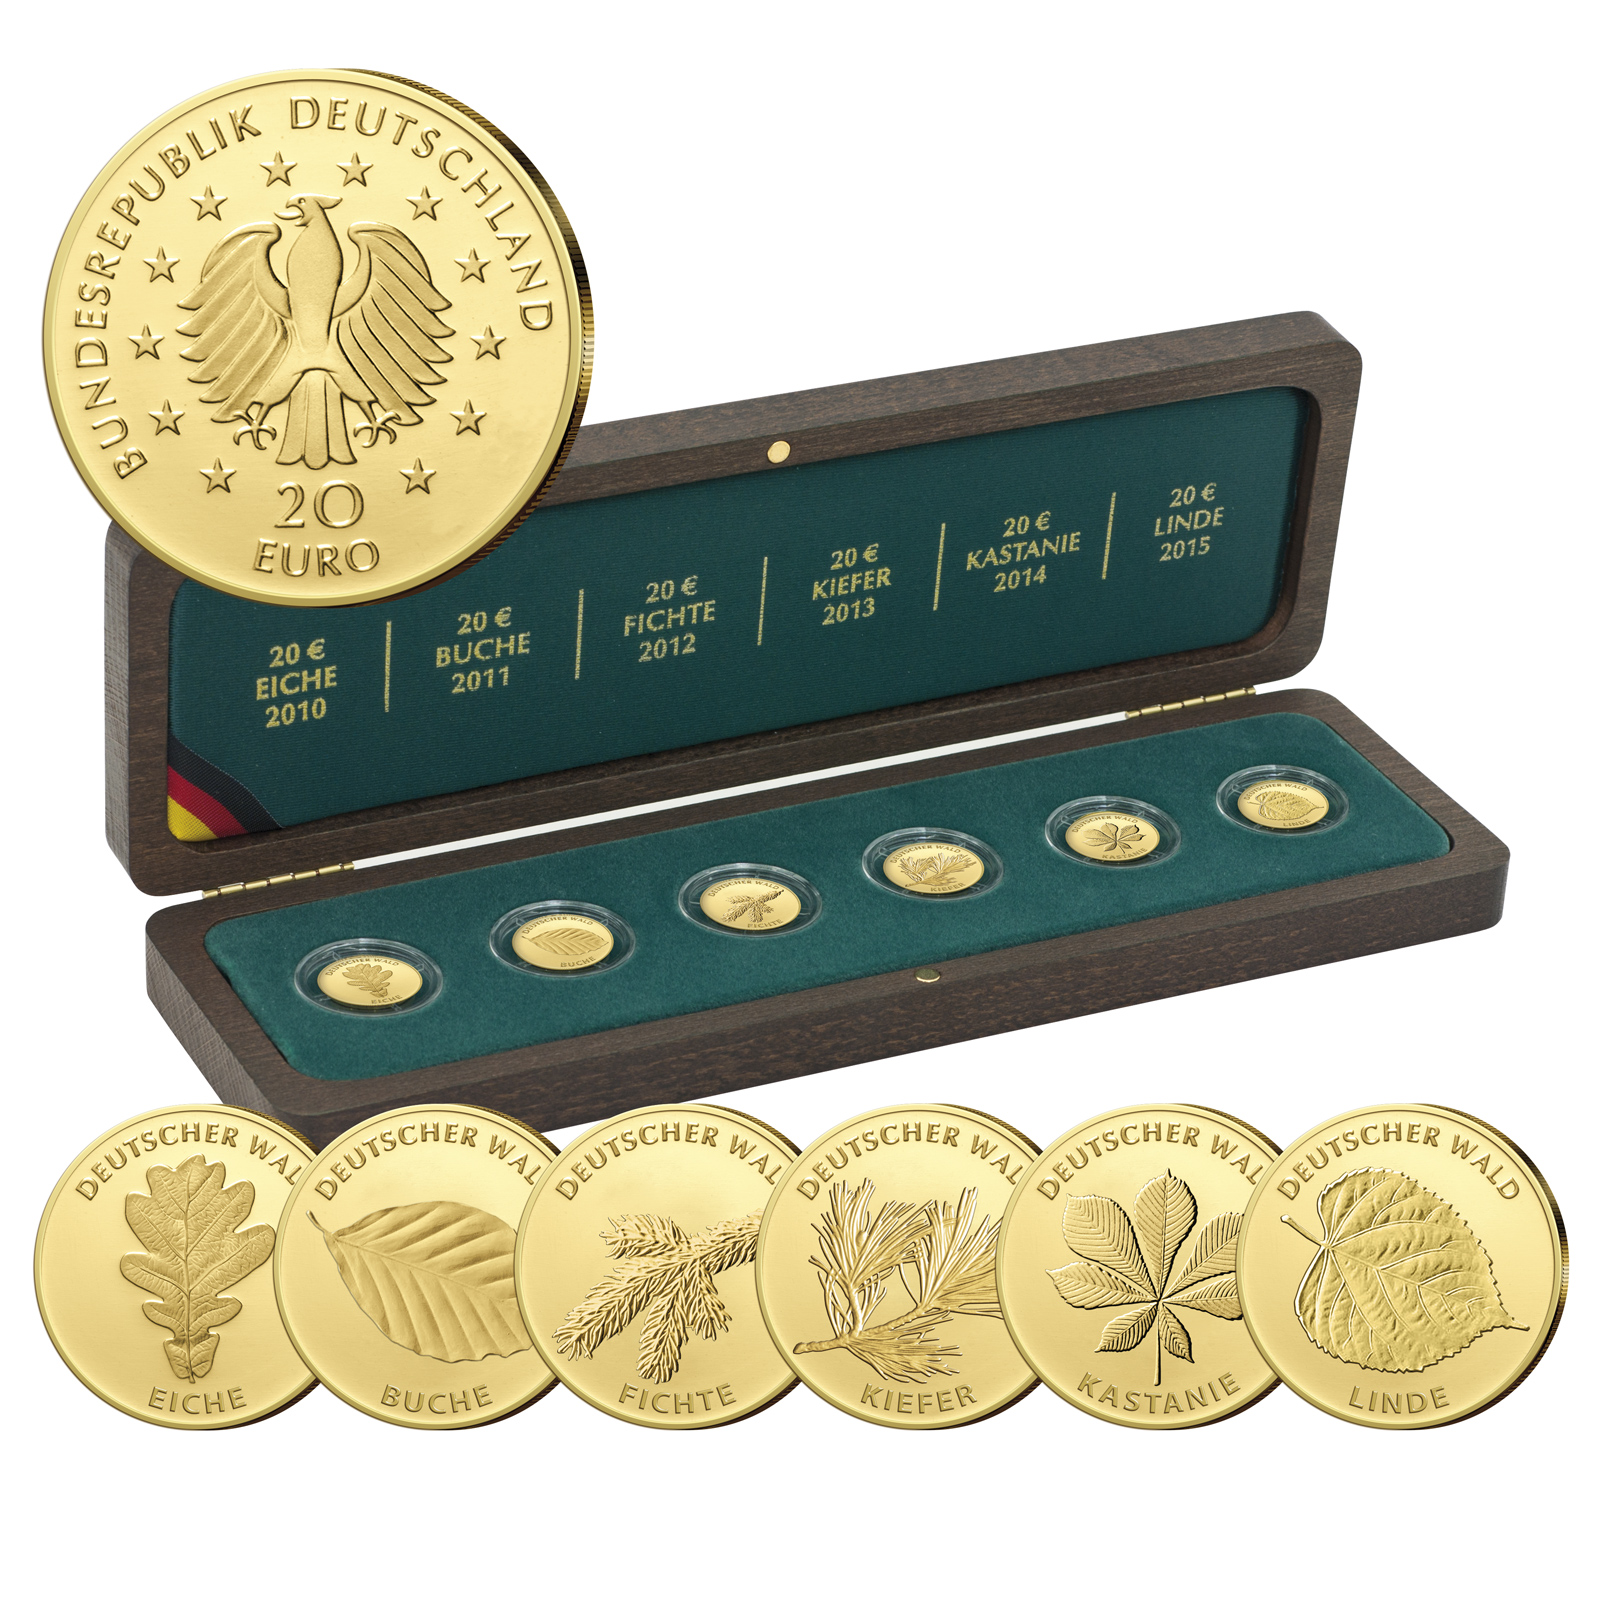 Deutschlands Euro Gold Brd 20 Euro Gold 2016 Nachtigall übersicht